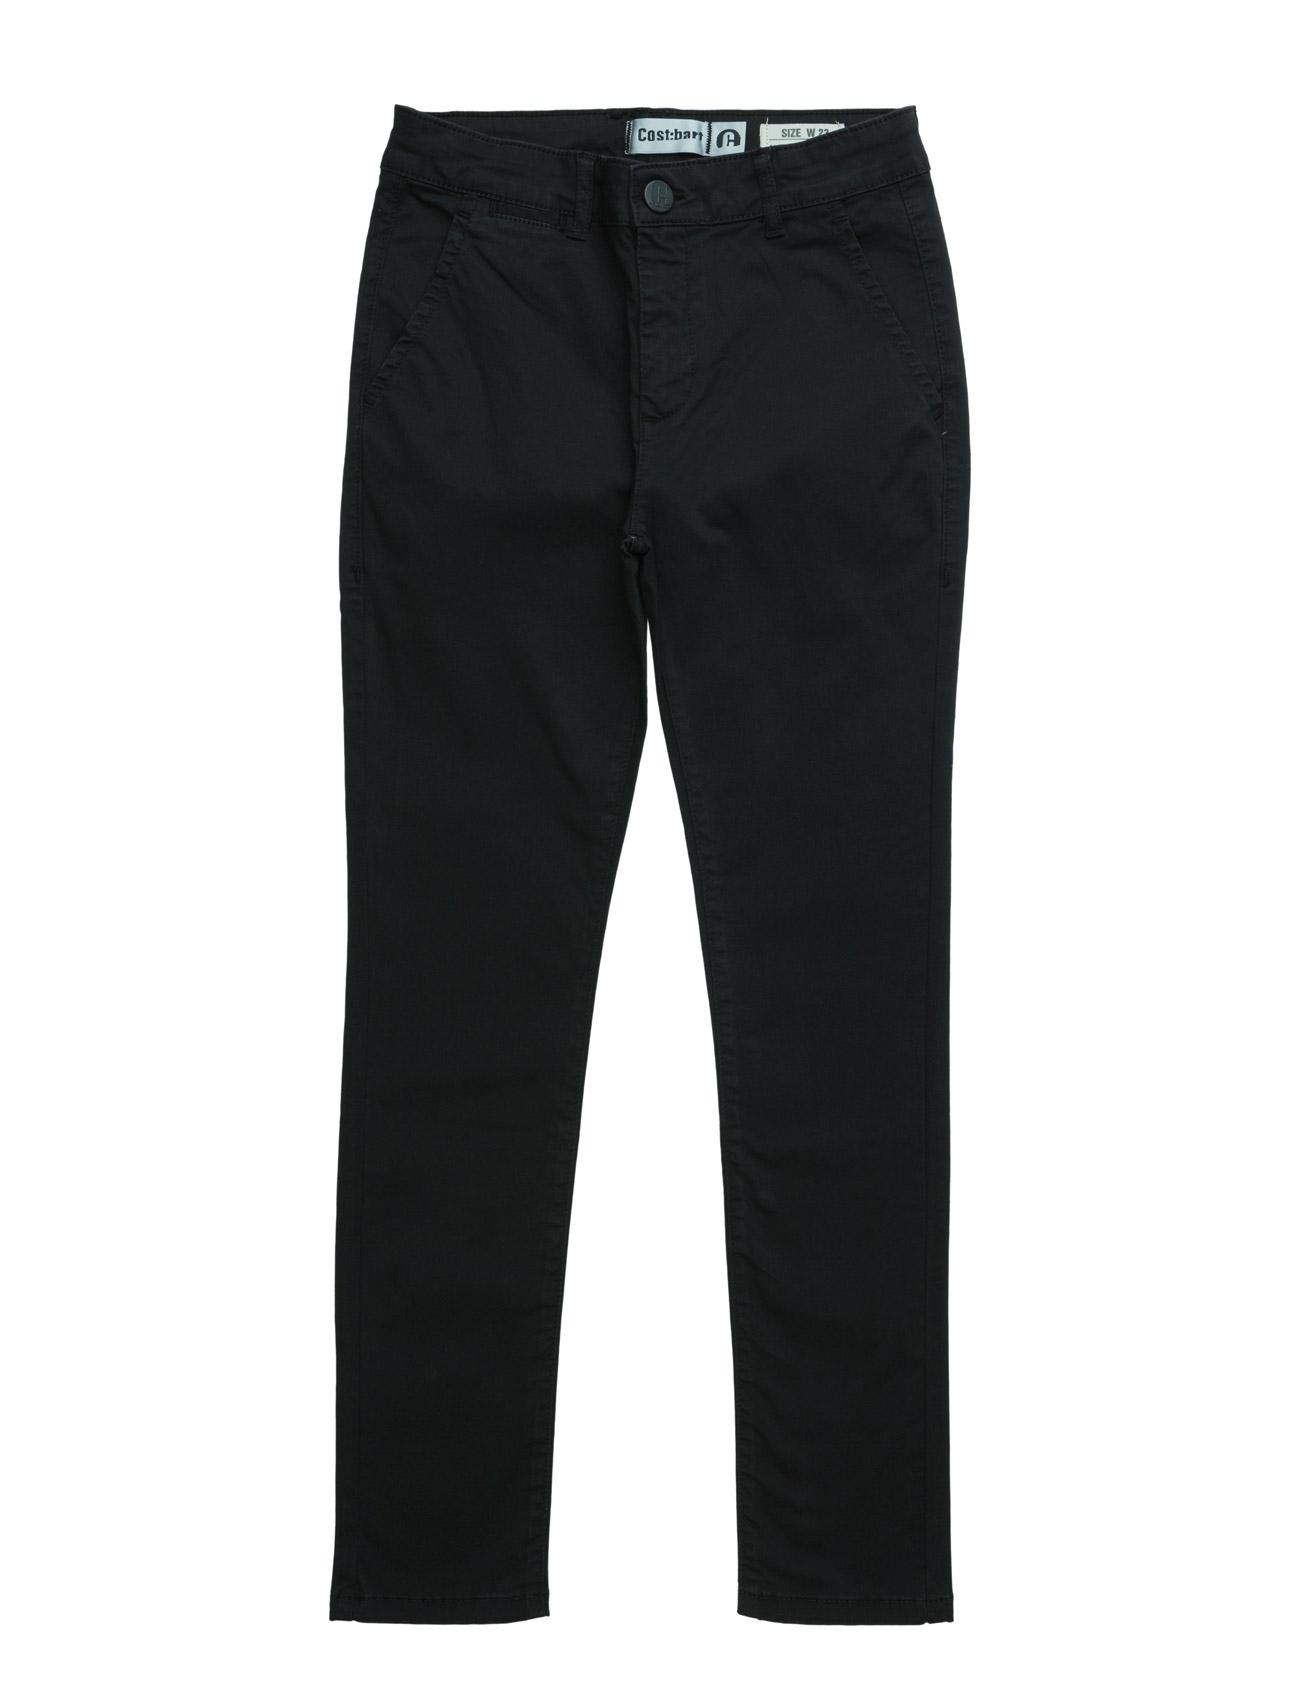 Kennedy Pants CostBart Bukser til Drenge i